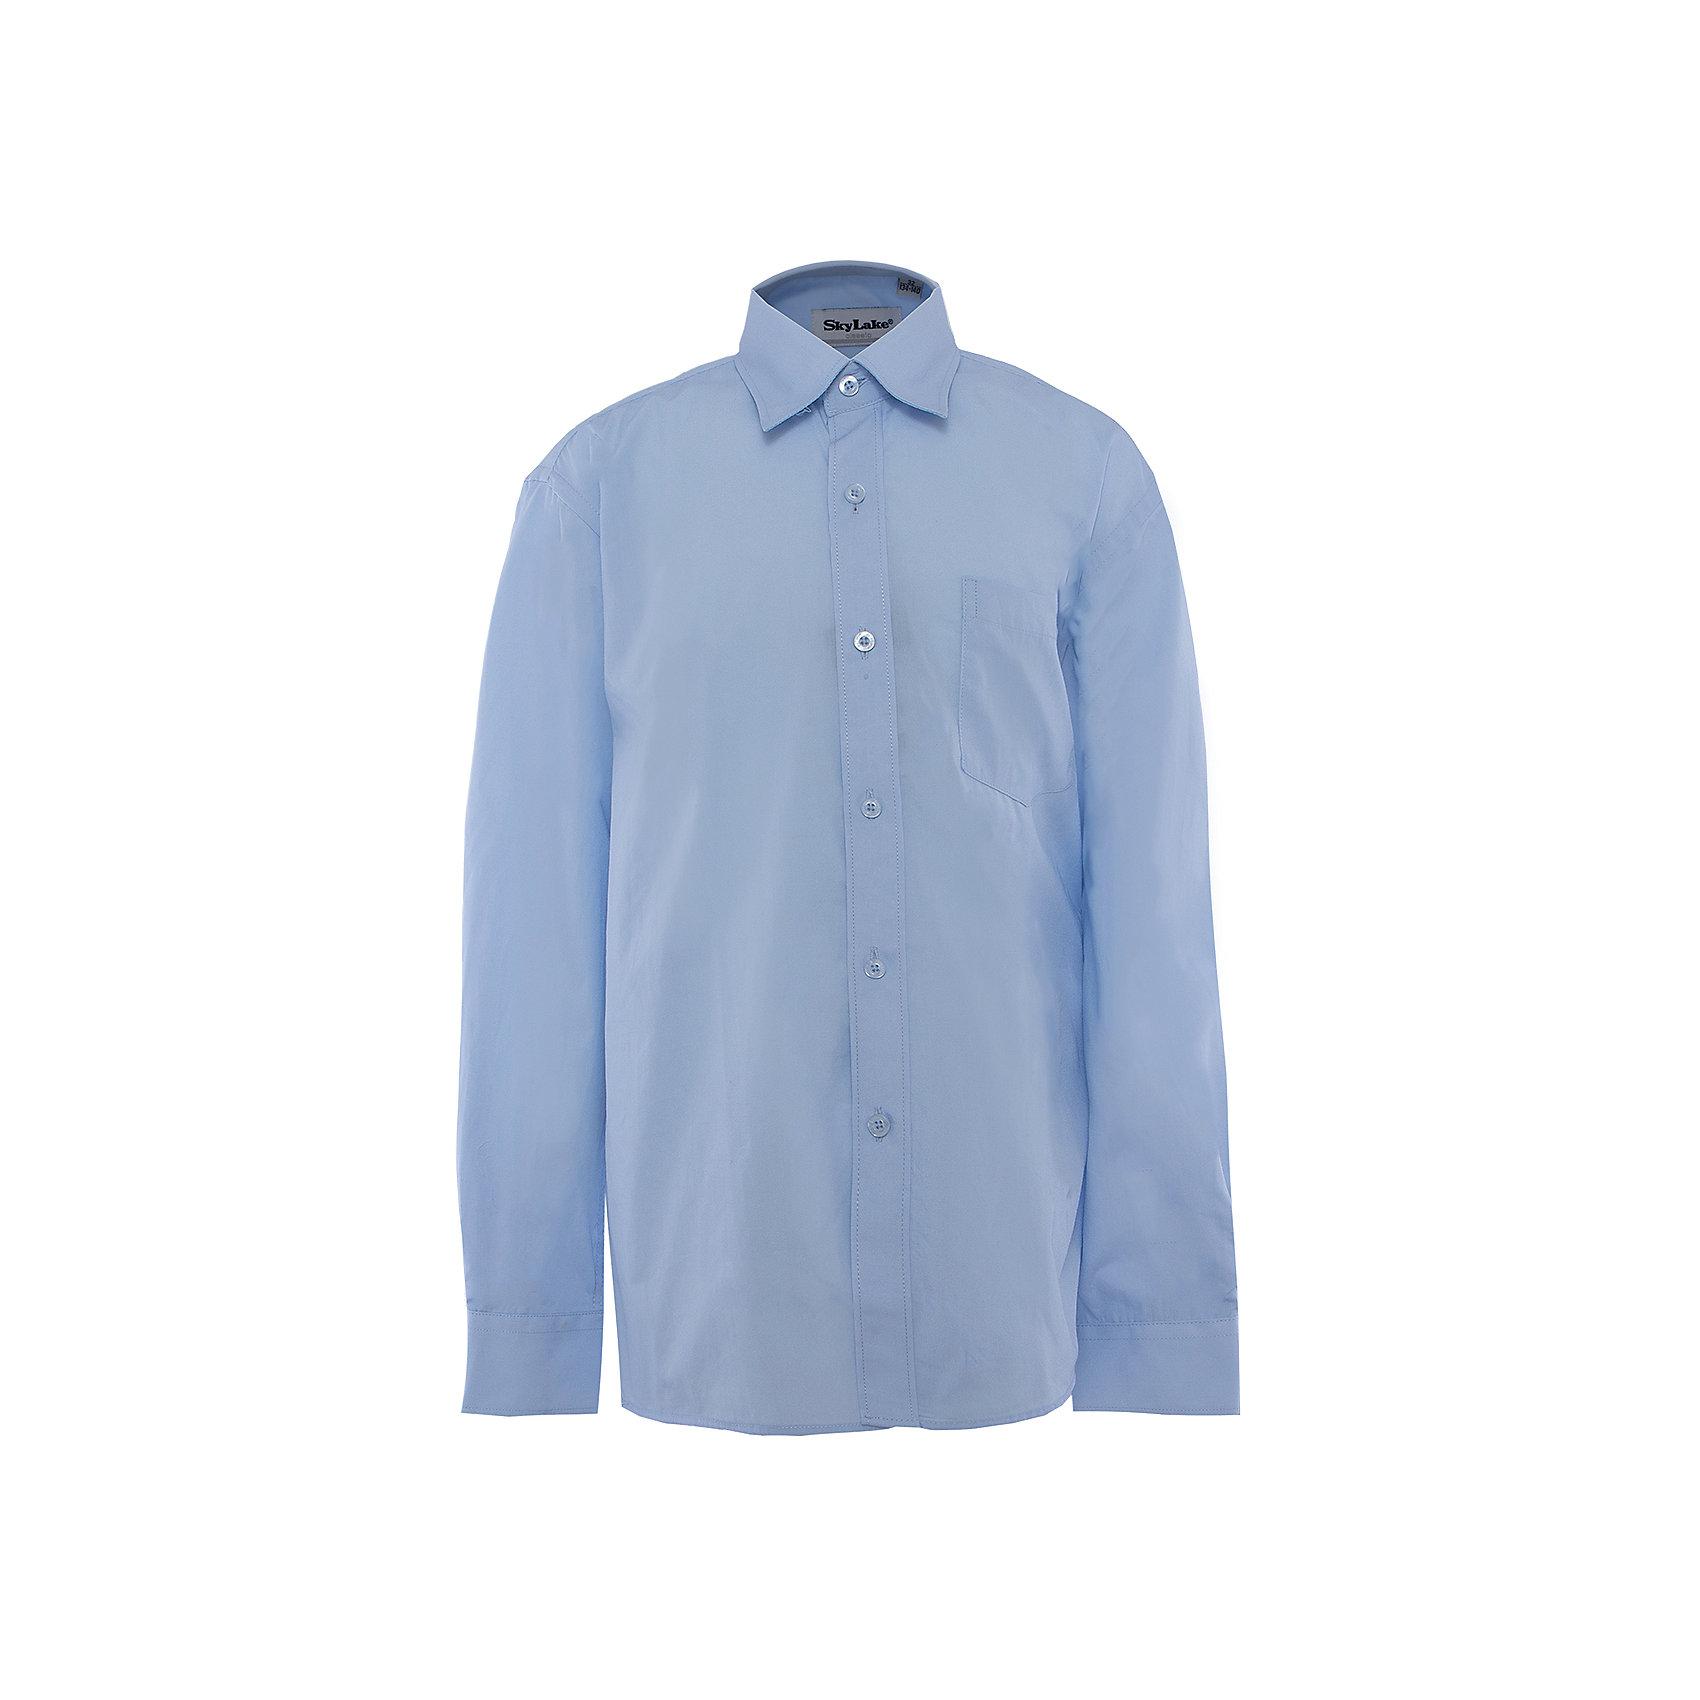 Рубашка для мальчика SkylakeБлузки и рубашки<br>Сорочка классическая для мальчика<br>Состав:<br>80% хлопок, 20% п/э<br><br>Ширина мм: 174<br>Глубина мм: 10<br>Высота мм: 169<br>Вес г: 157<br>Цвет: небесный<br>Возраст от месяцев: 108<br>Возраст до месяцев: 120<br>Пол: Мужской<br>Возраст: Детский<br>Размер: 140,146,134,158,152,128<br>SKU: 3708496